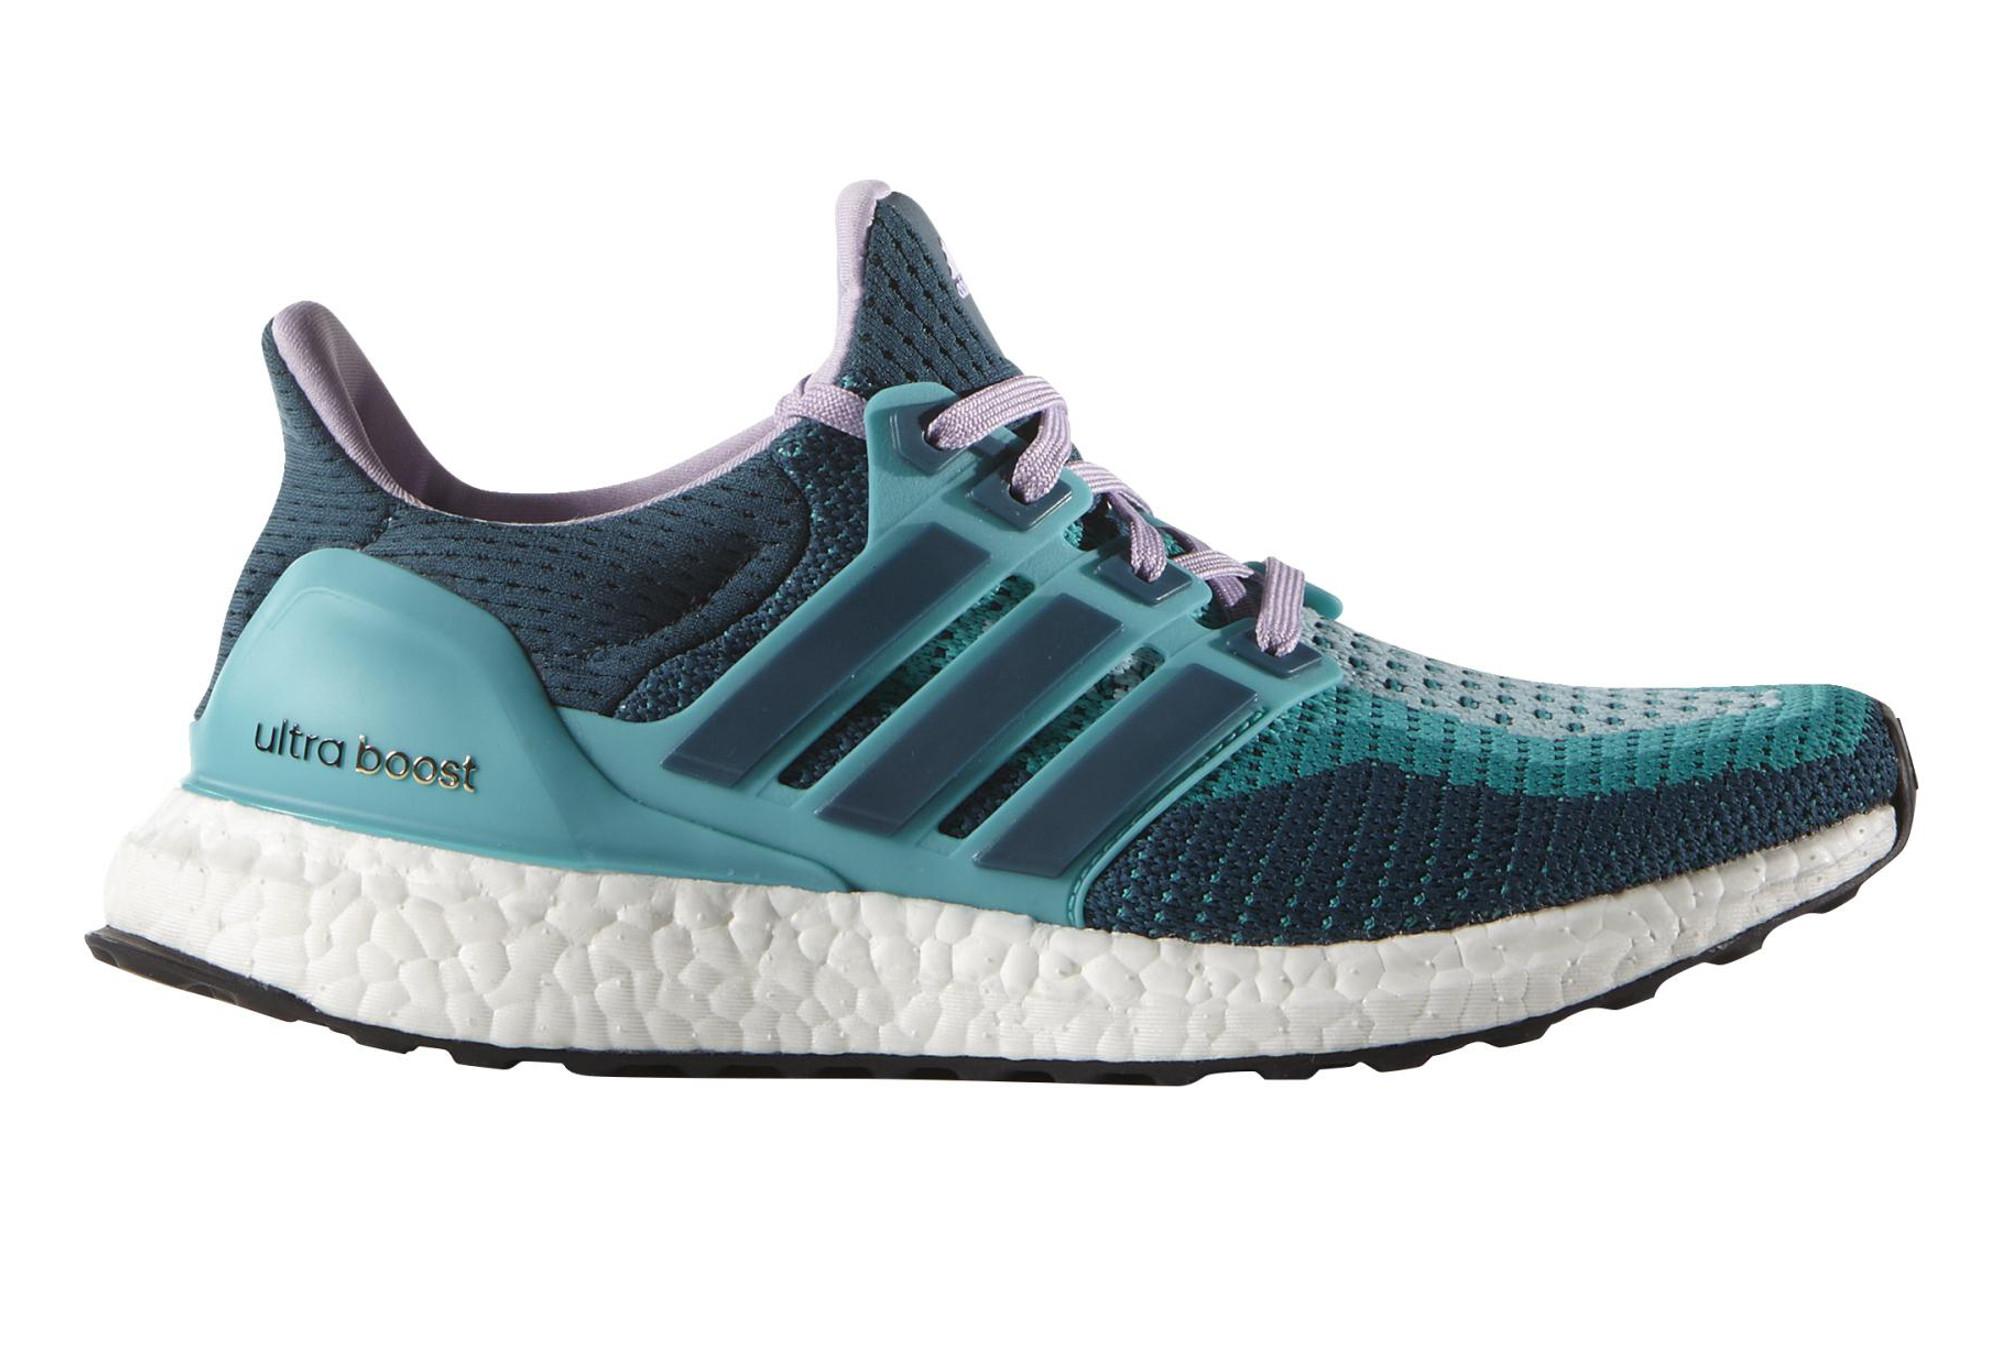 chaussures de running femme adidas running ultra boost bleu. Black Bedroom Furniture Sets. Home Design Ideas